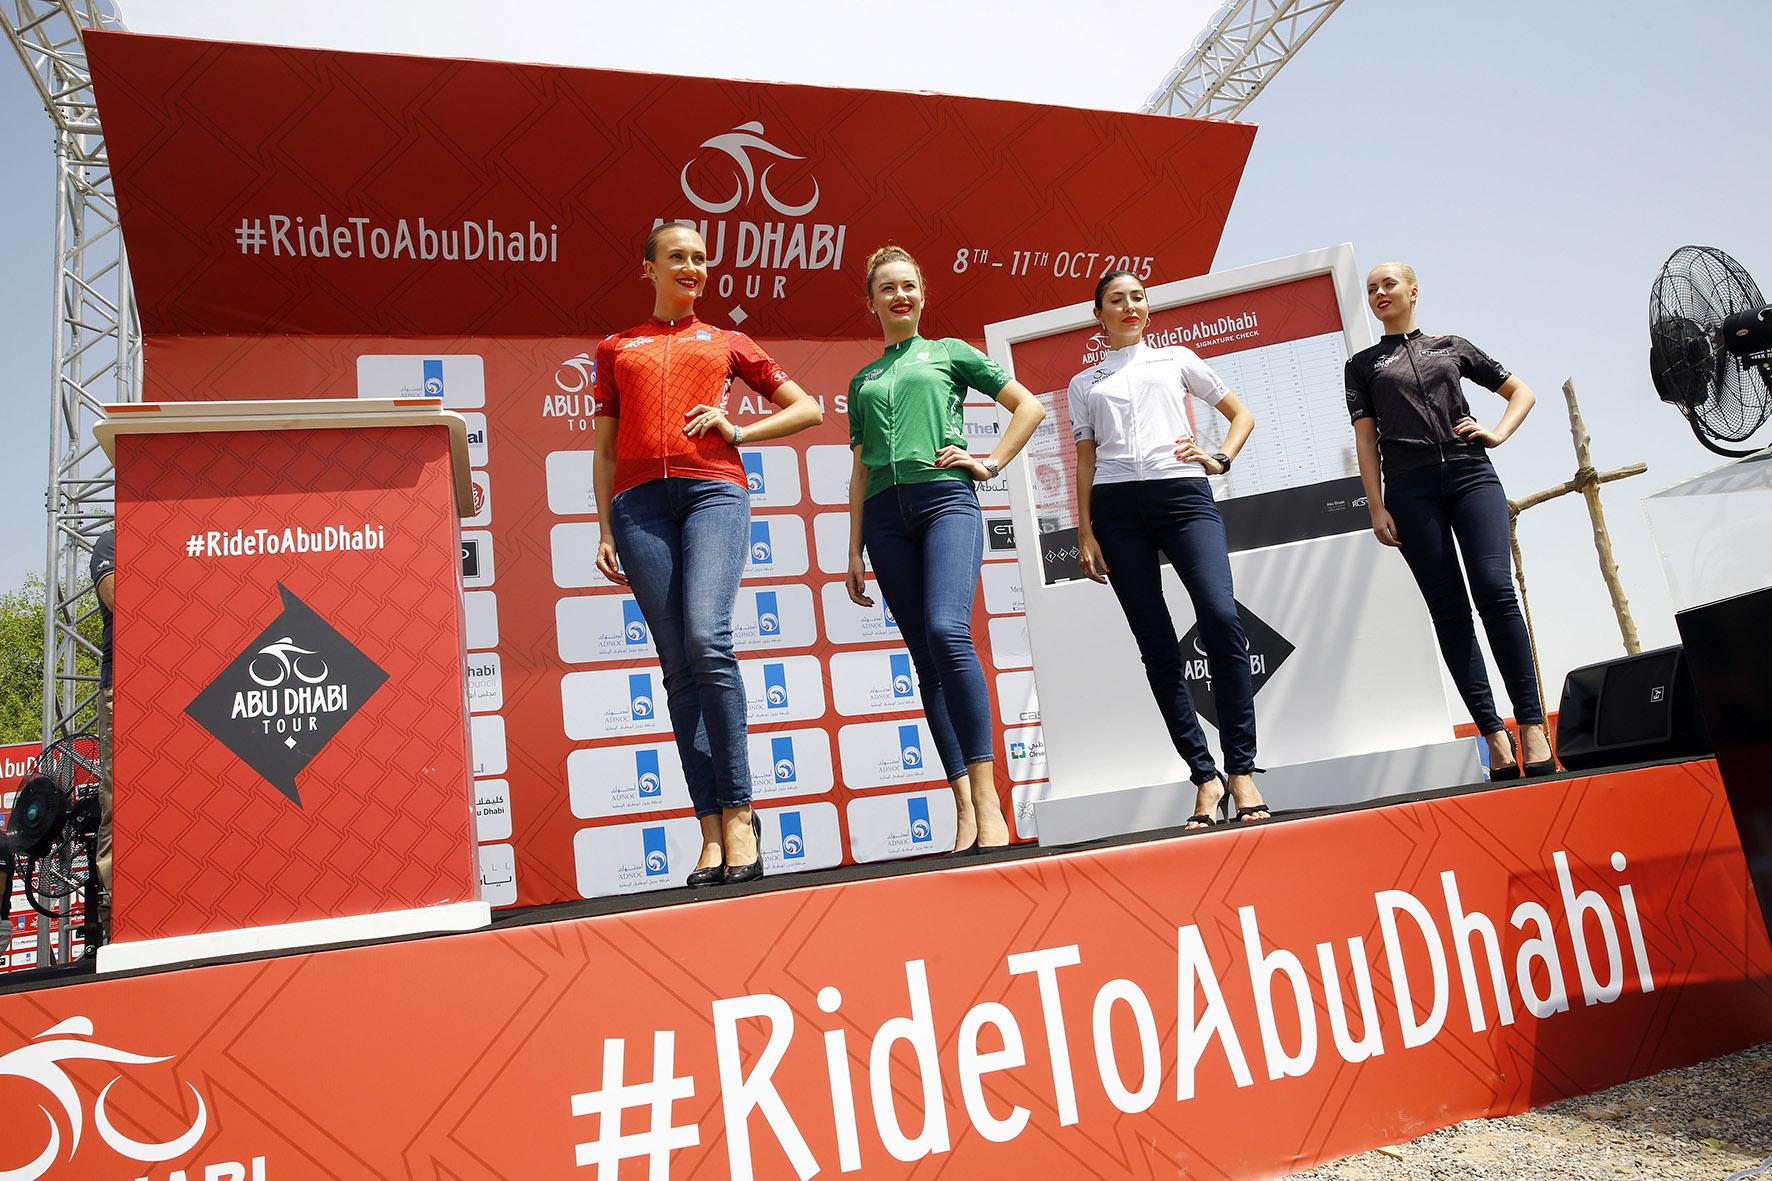 Évek óta rangos versenyeknek ad otthont AbuDhabi - foto Luca Bettini/RCS Sport